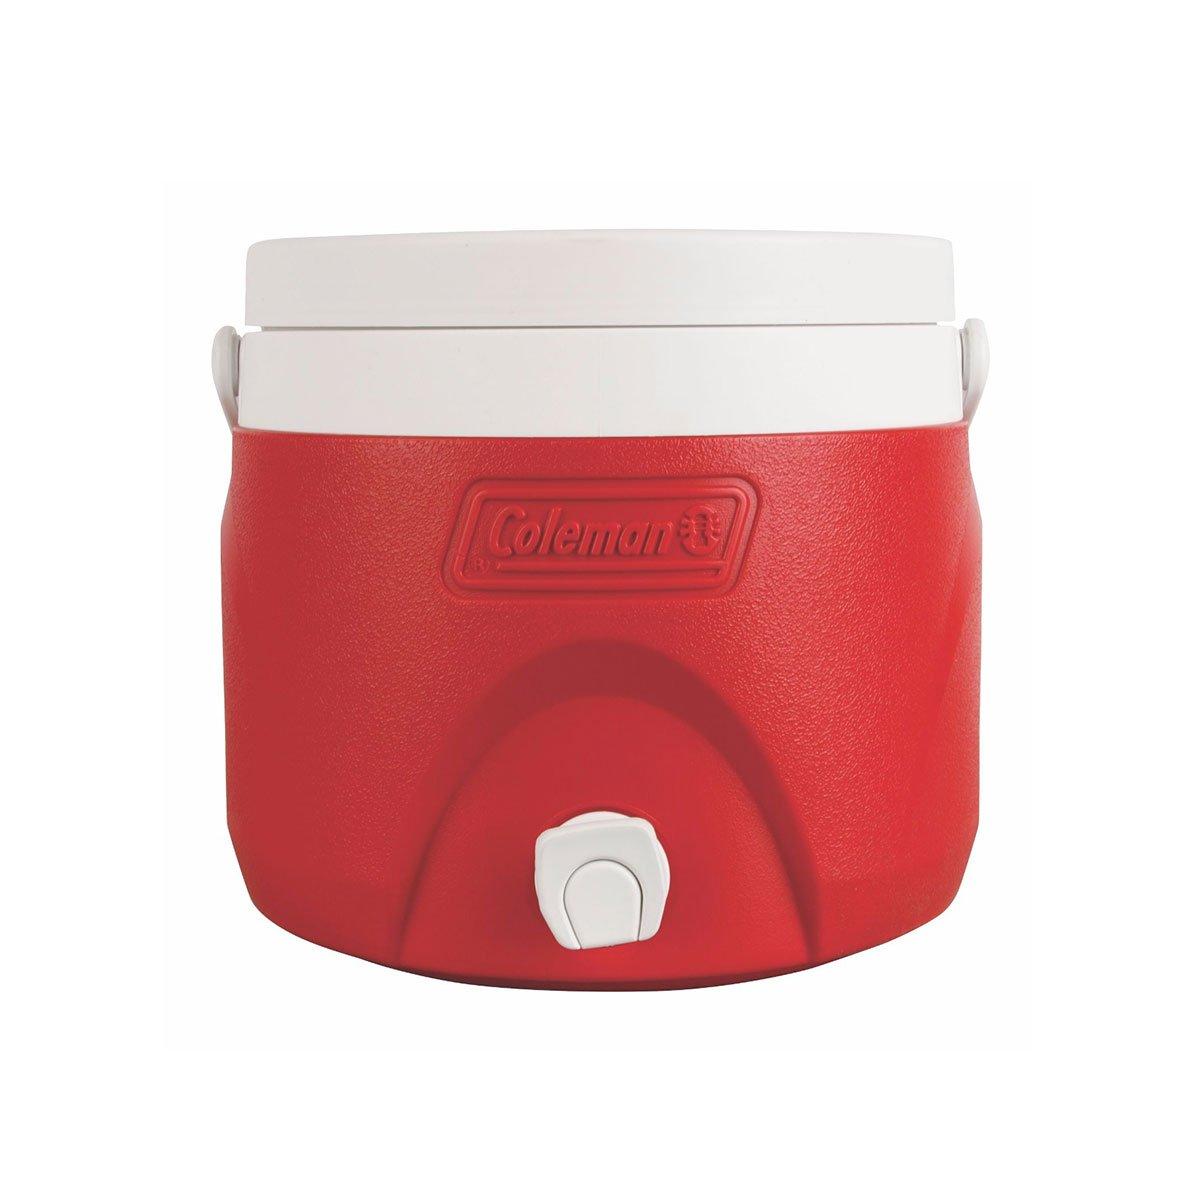 Jarra Térmica Coleman 7,5 Litros Vermelha com Alça de Mão